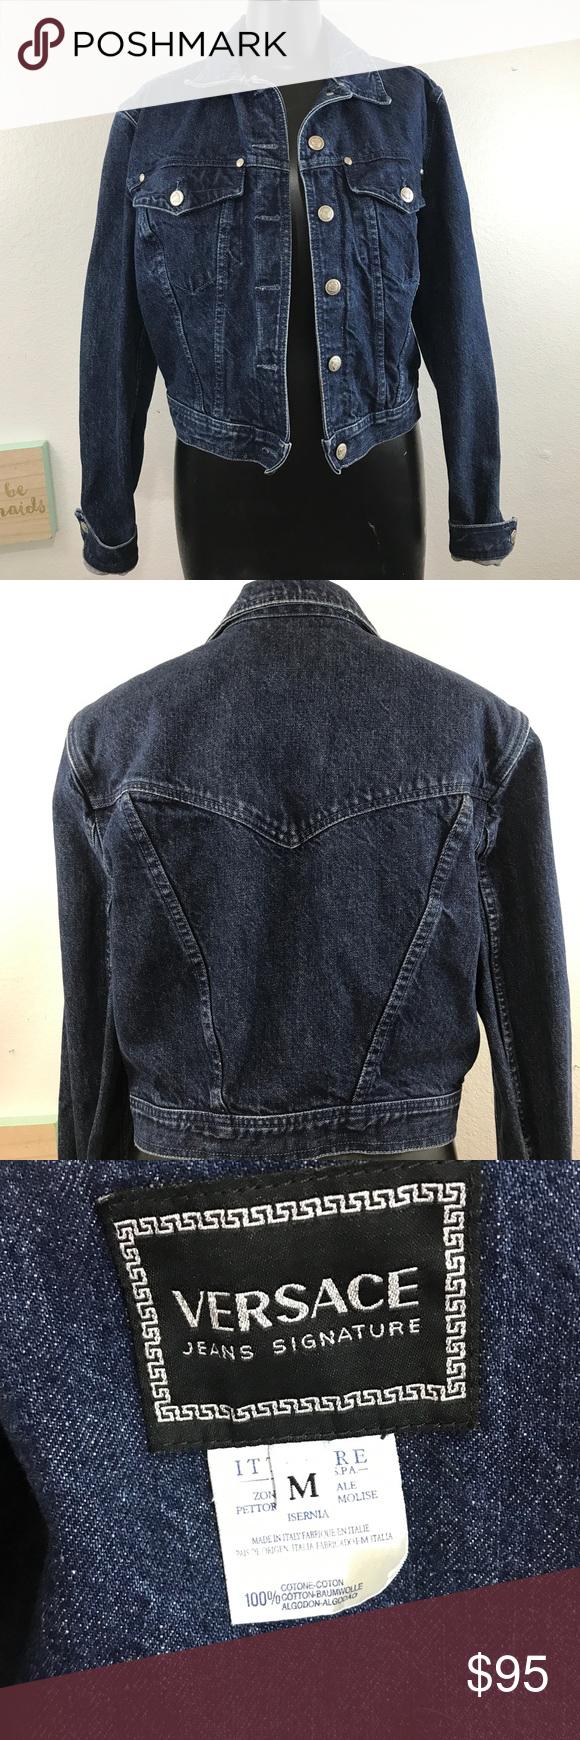 Vintage Versace Jeans Signature Blue Denim Jacket Blue Denim Jacket Denim Jacket Vintage Versace